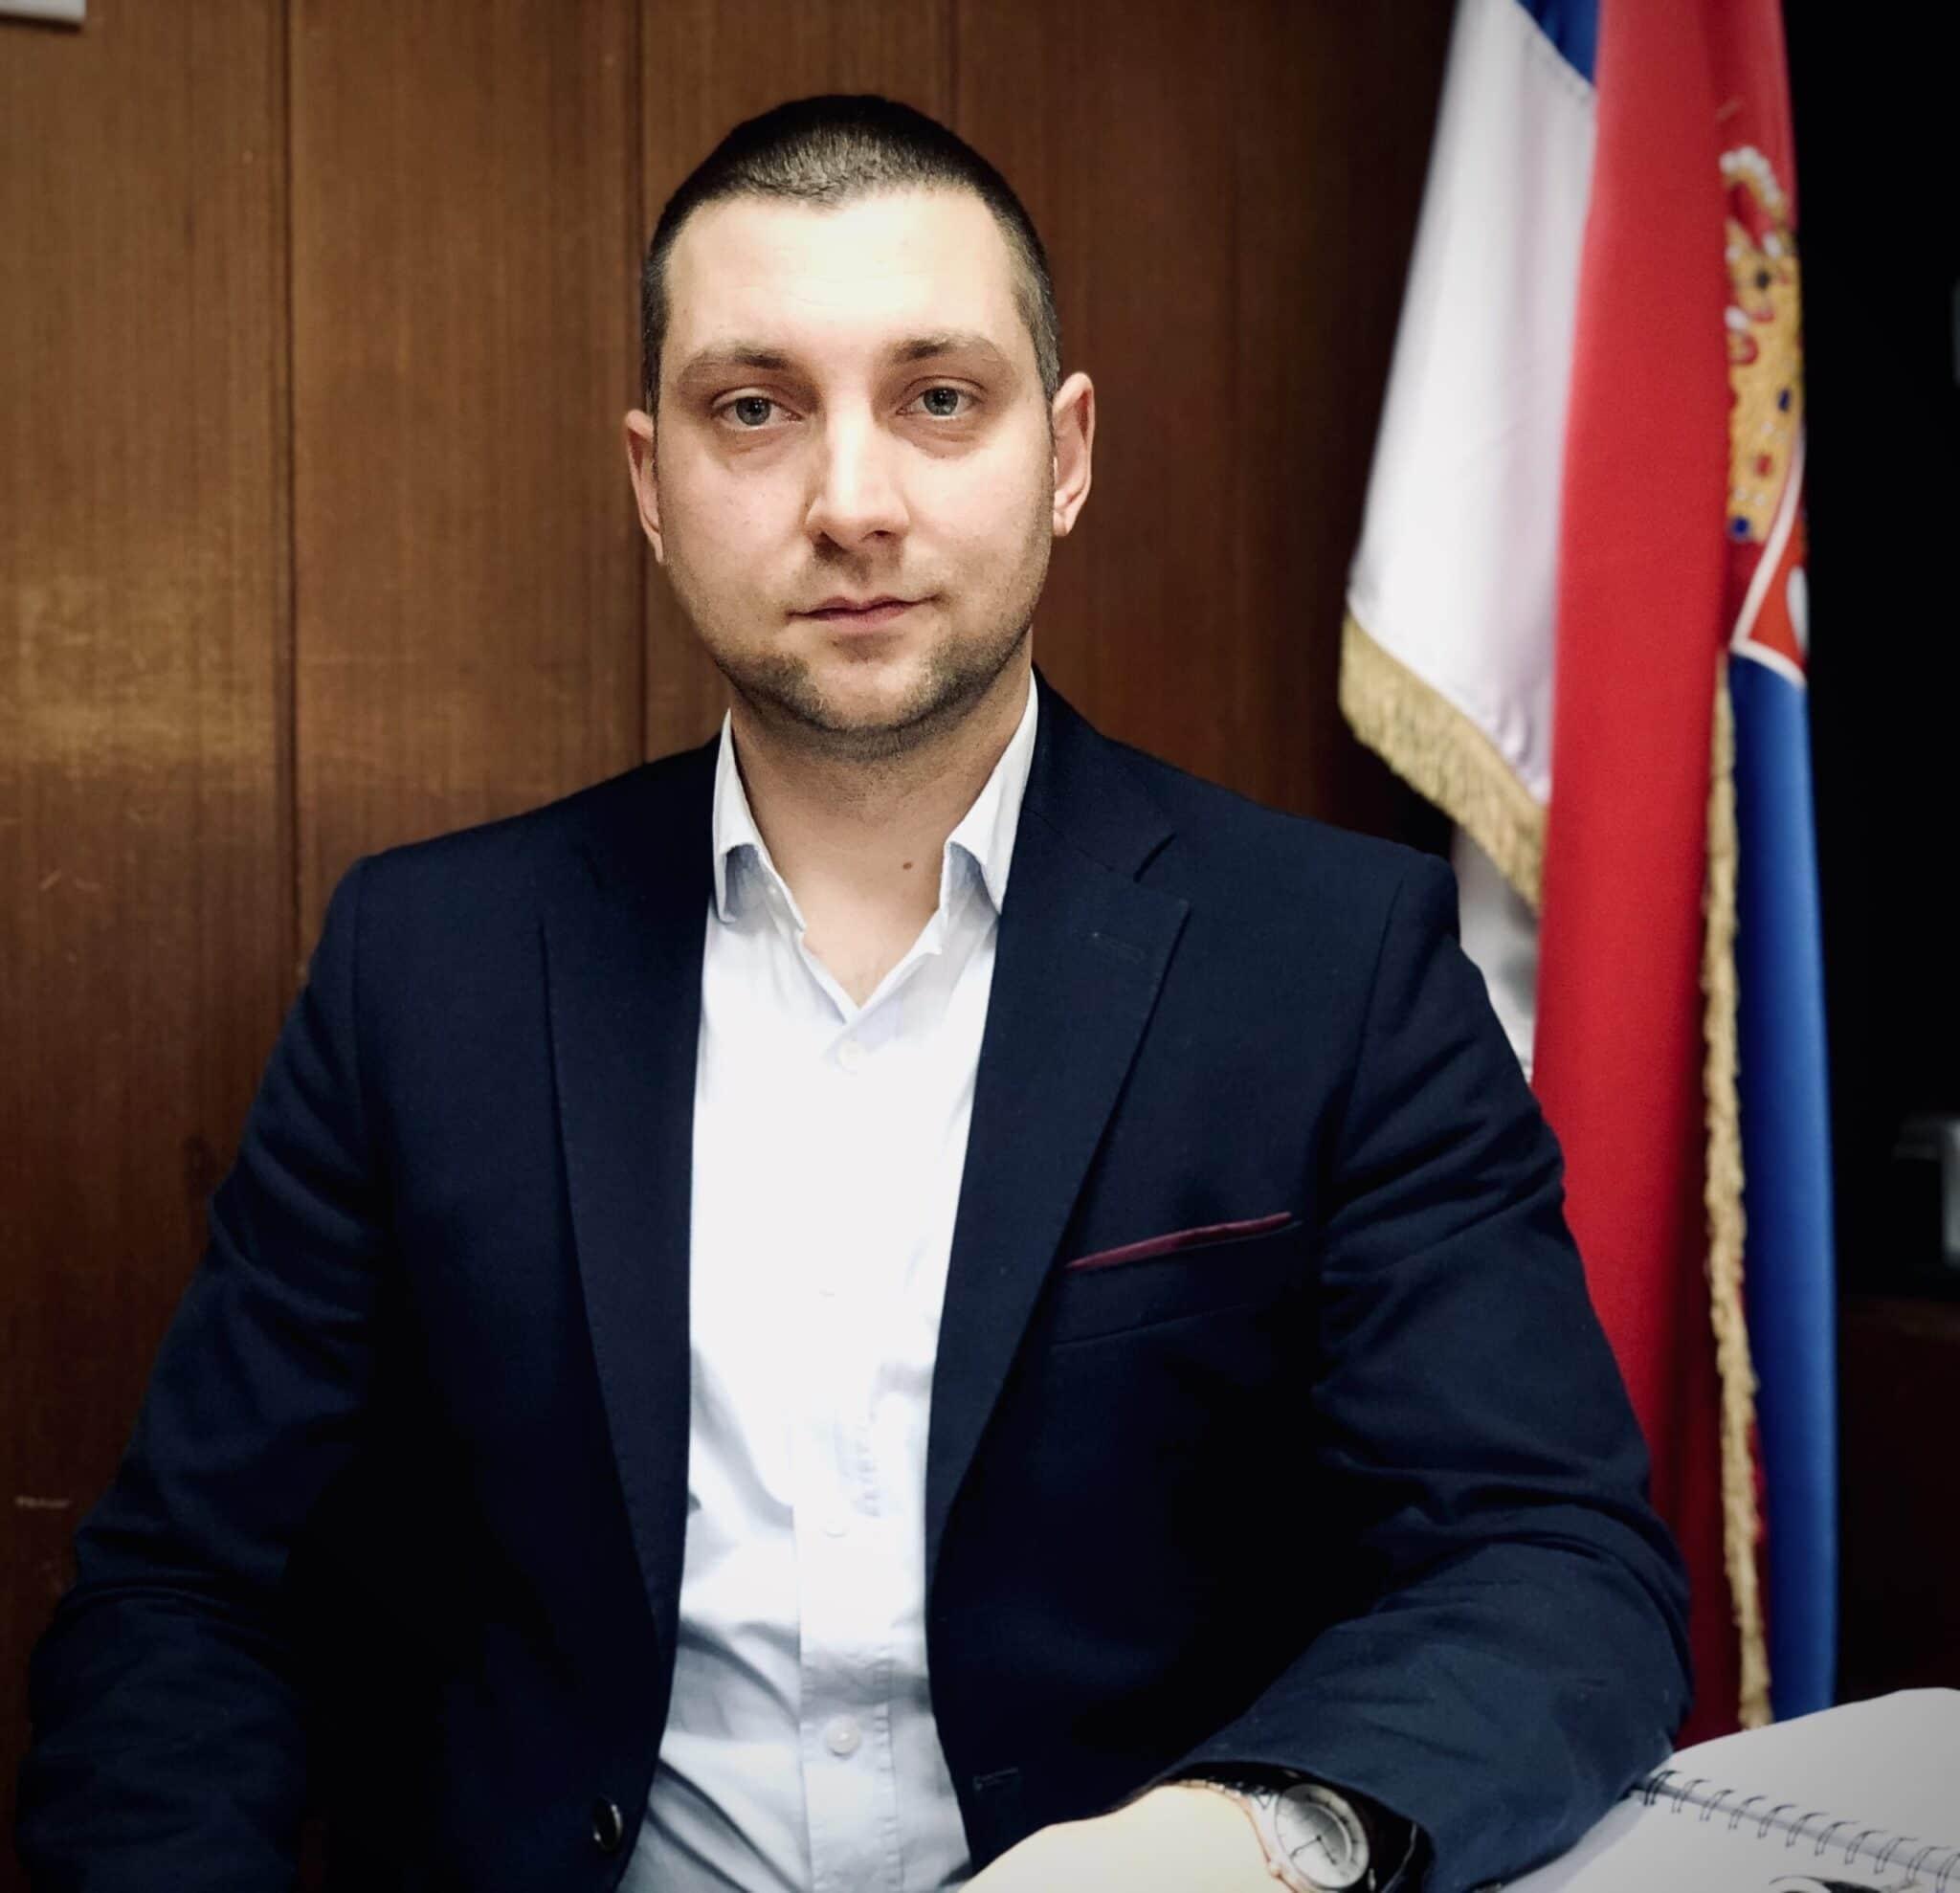 Predsednik opštine, foto Svrljiške novine